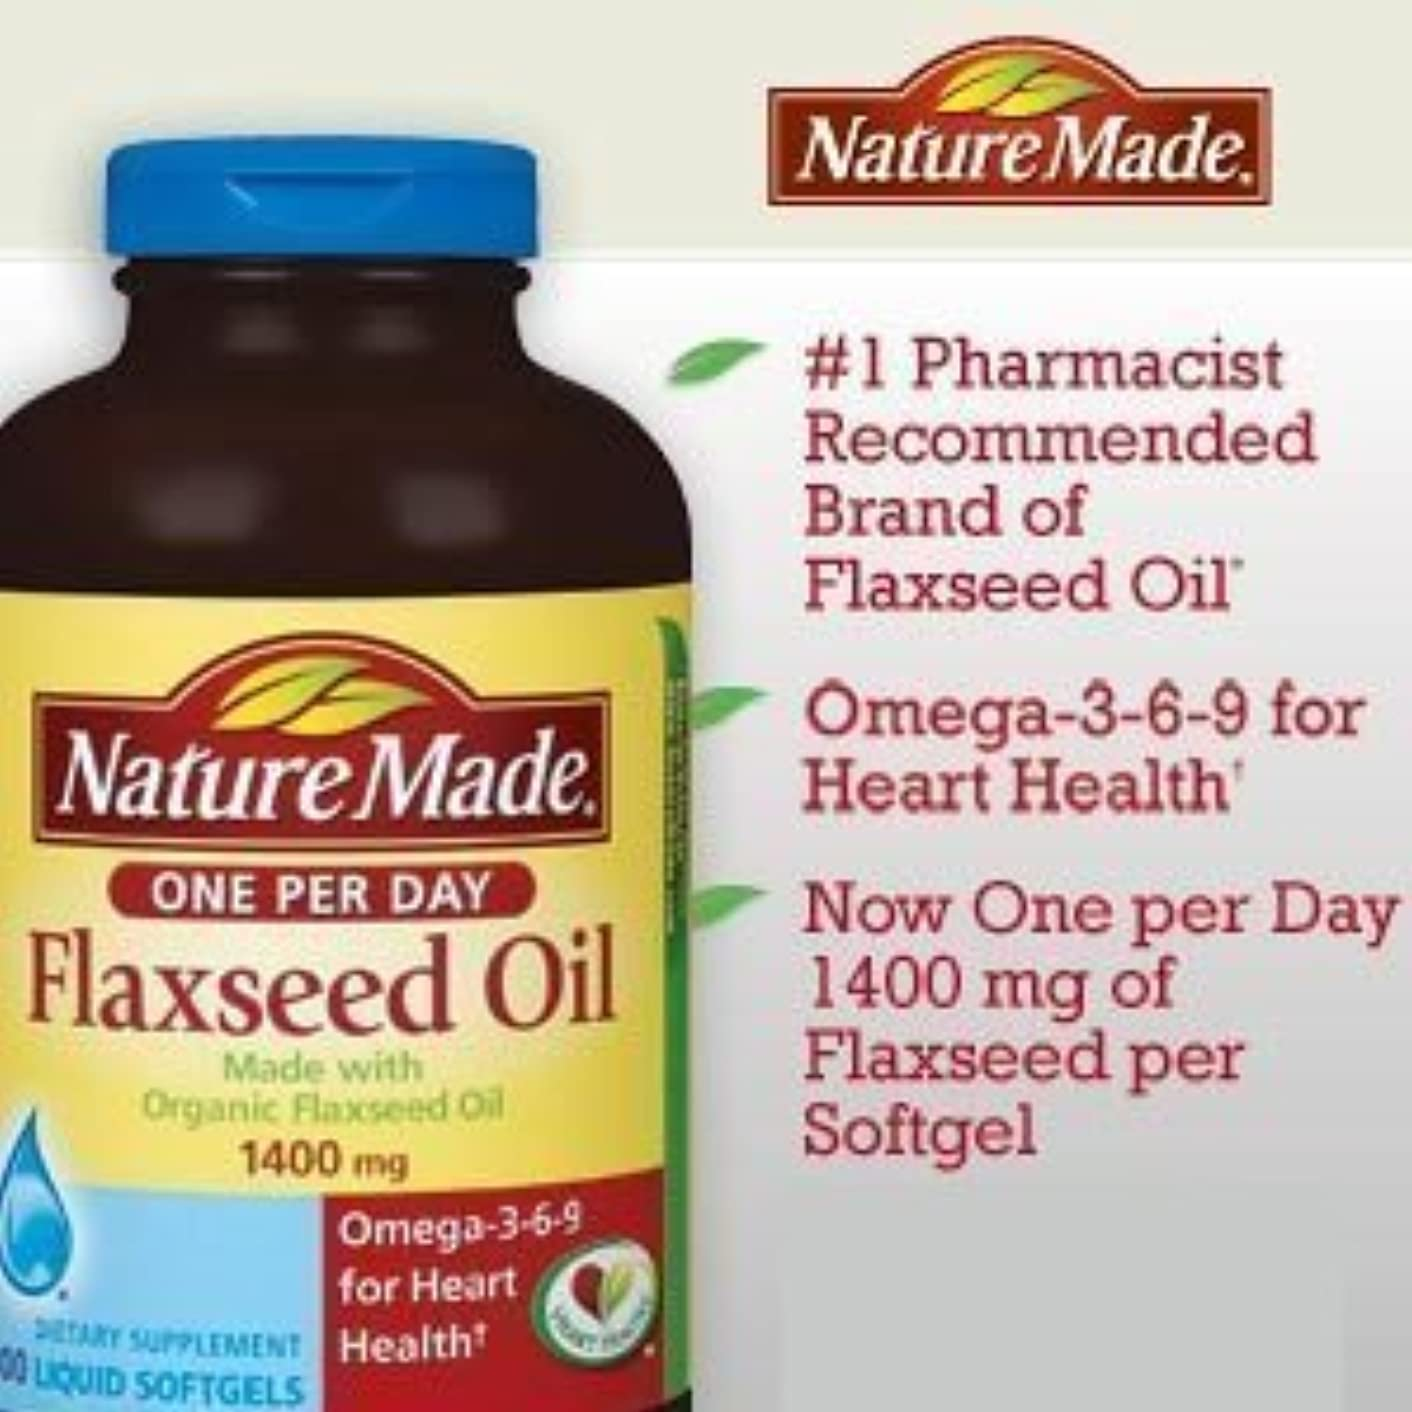 主電子失敗Nature Made Organic Flaxseed Oil, Omega-3-6-9 for Heart Health, 1400 mg, Liquid Softgels - 300 Count by USA [並行輸入品]